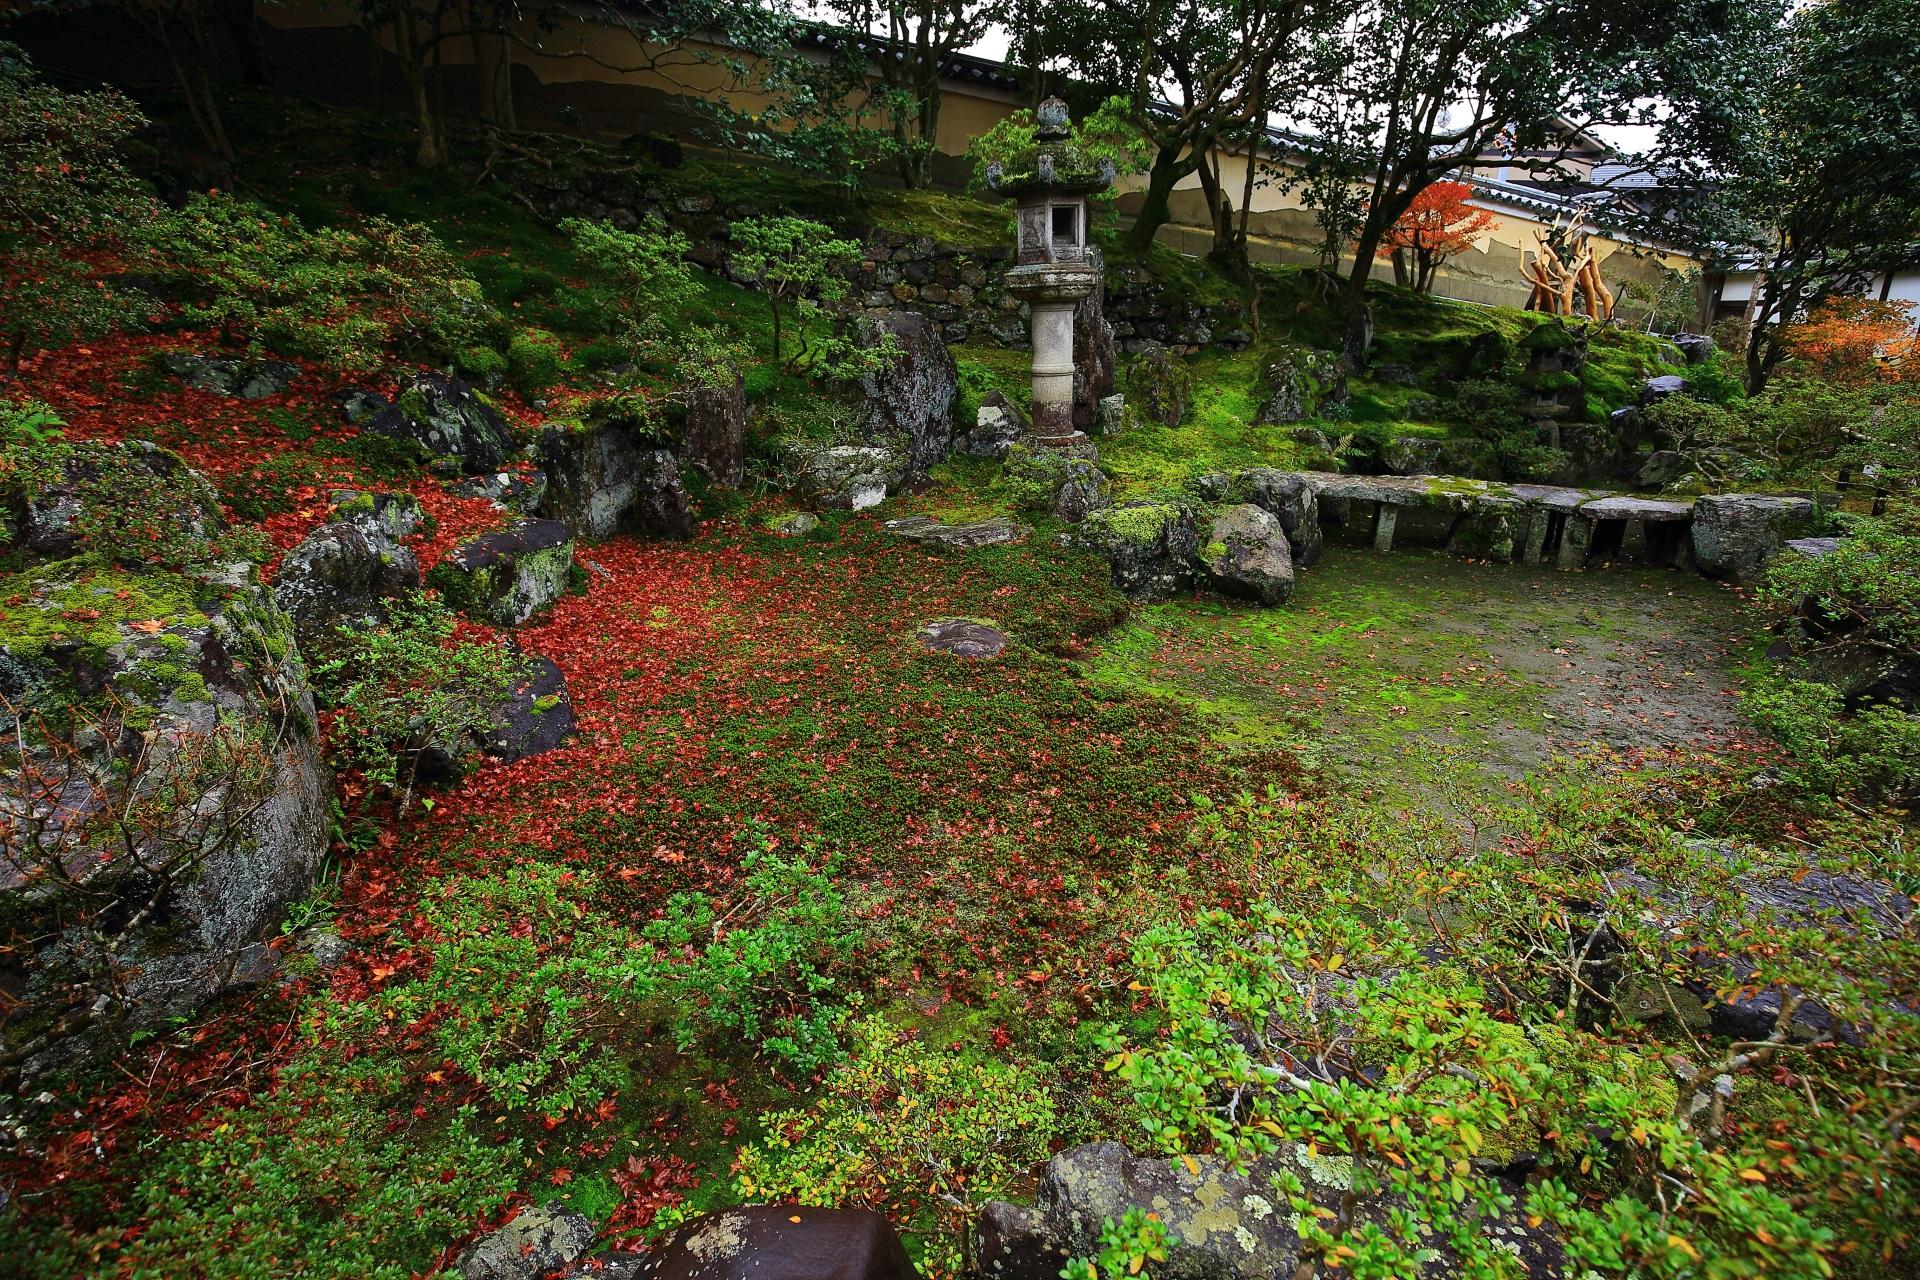 深い緑や趣きある岩を染める秋色の散り紅葉